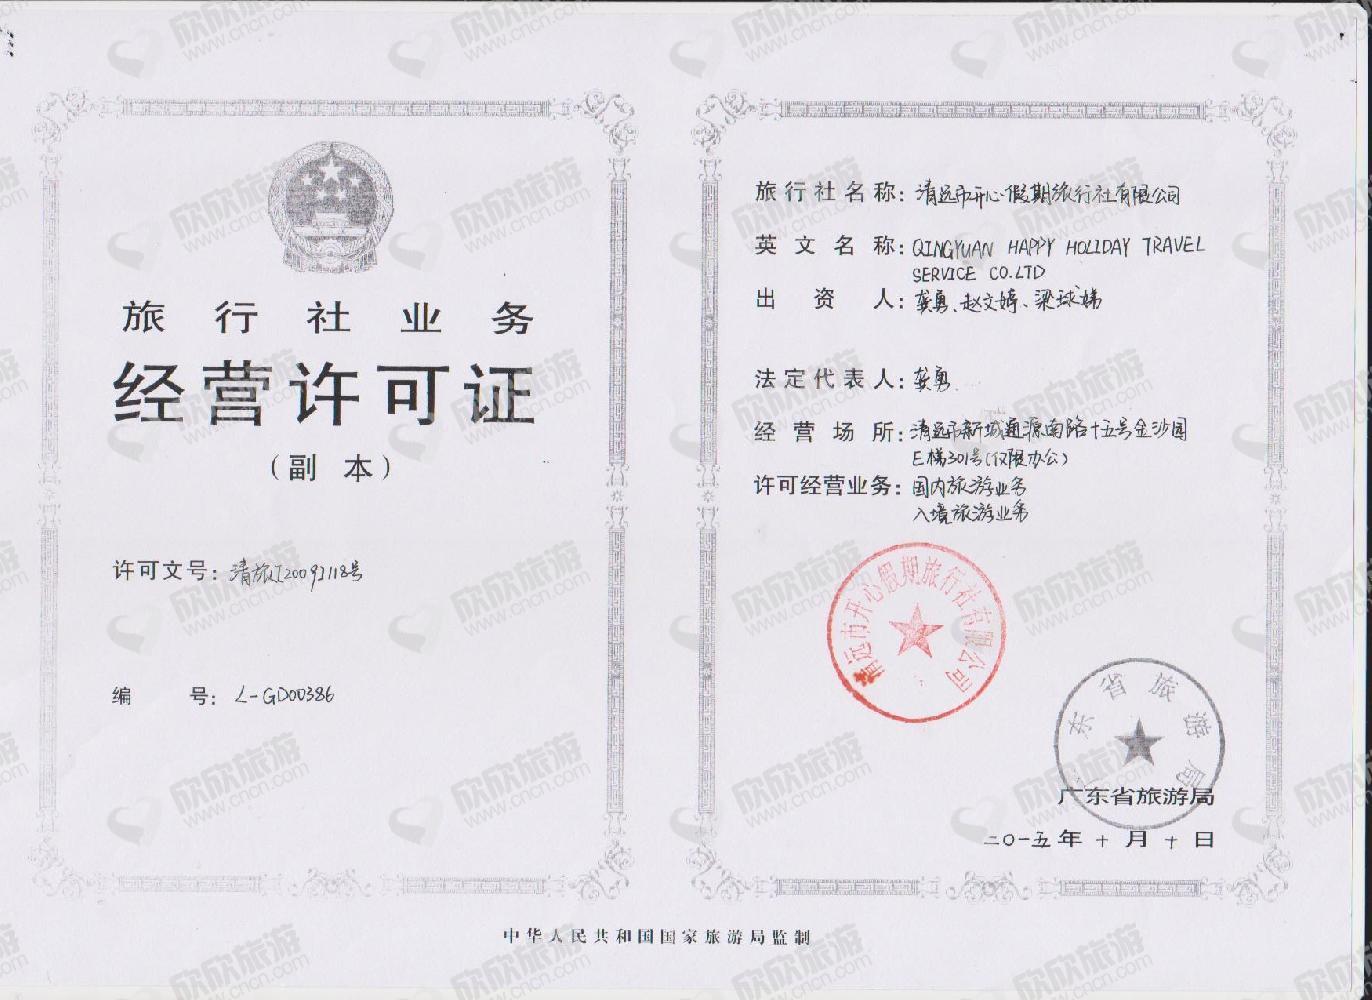 清远市开心假期旅行社有限公司经营许可证